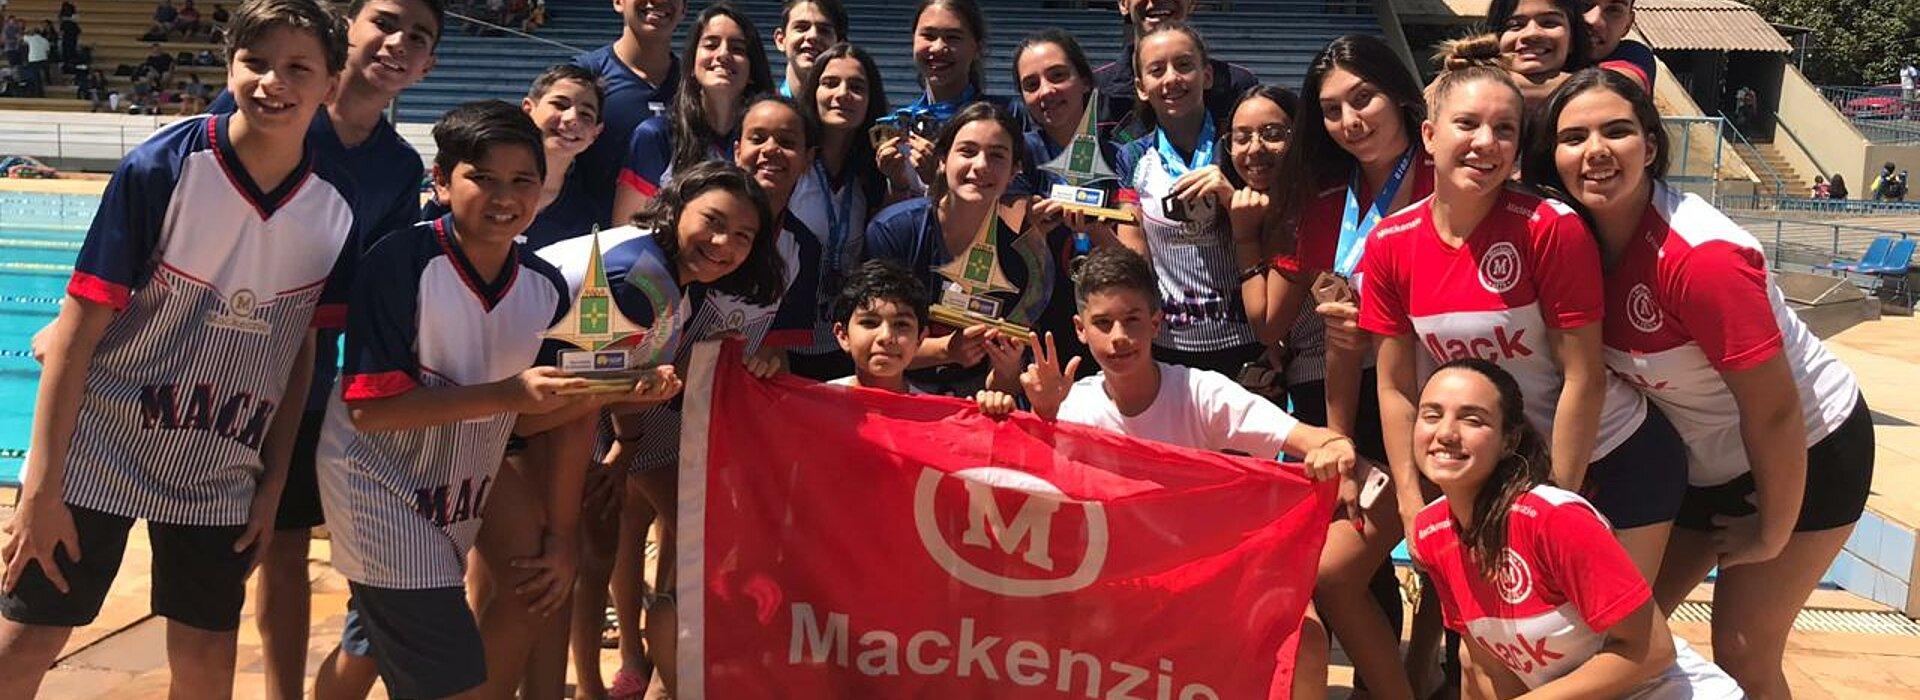 Jovens atletas em pé com bandeira do Mackenzie ao centro